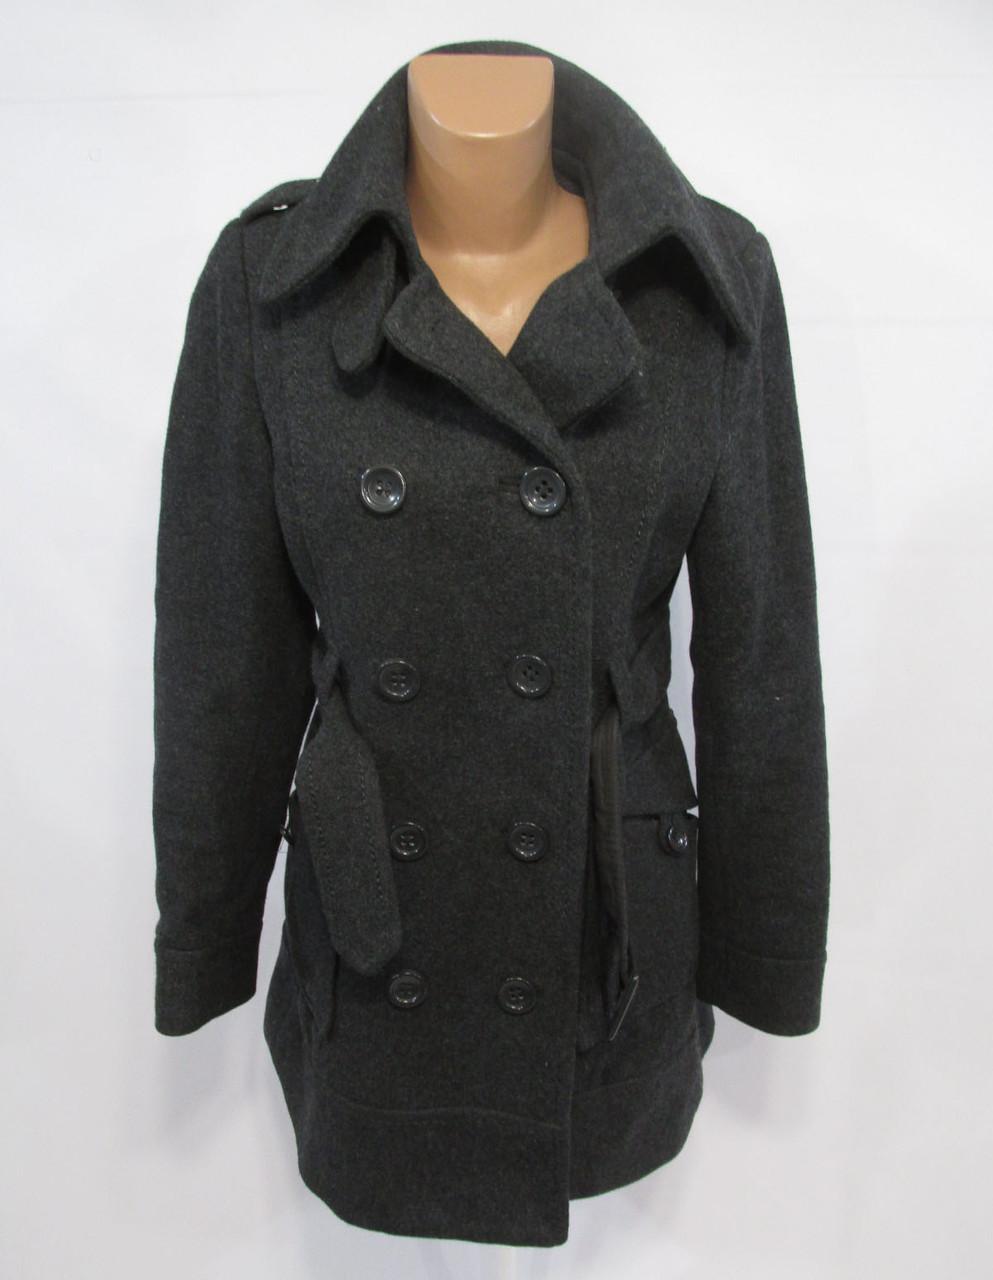 Пальто H&M, шерстяное, т.серое, 38 (S), Как Новое!